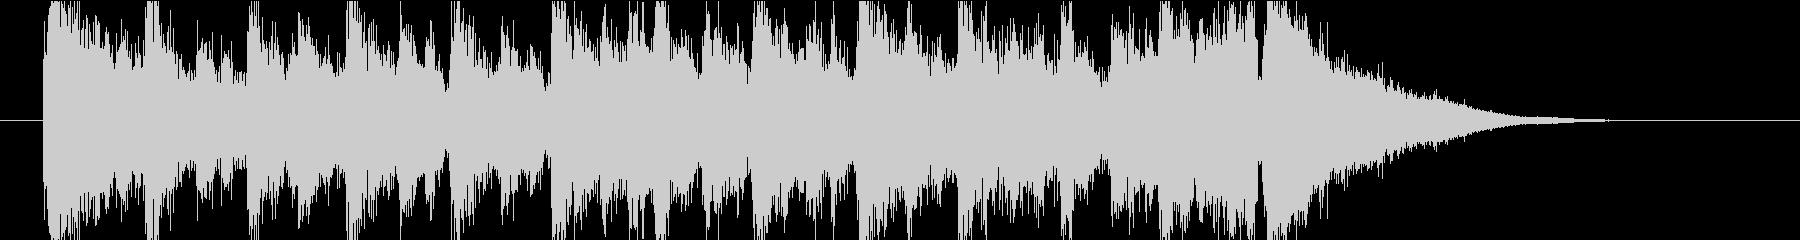 【ジングル】前向きなマーチ風ジングルの未再生の波形